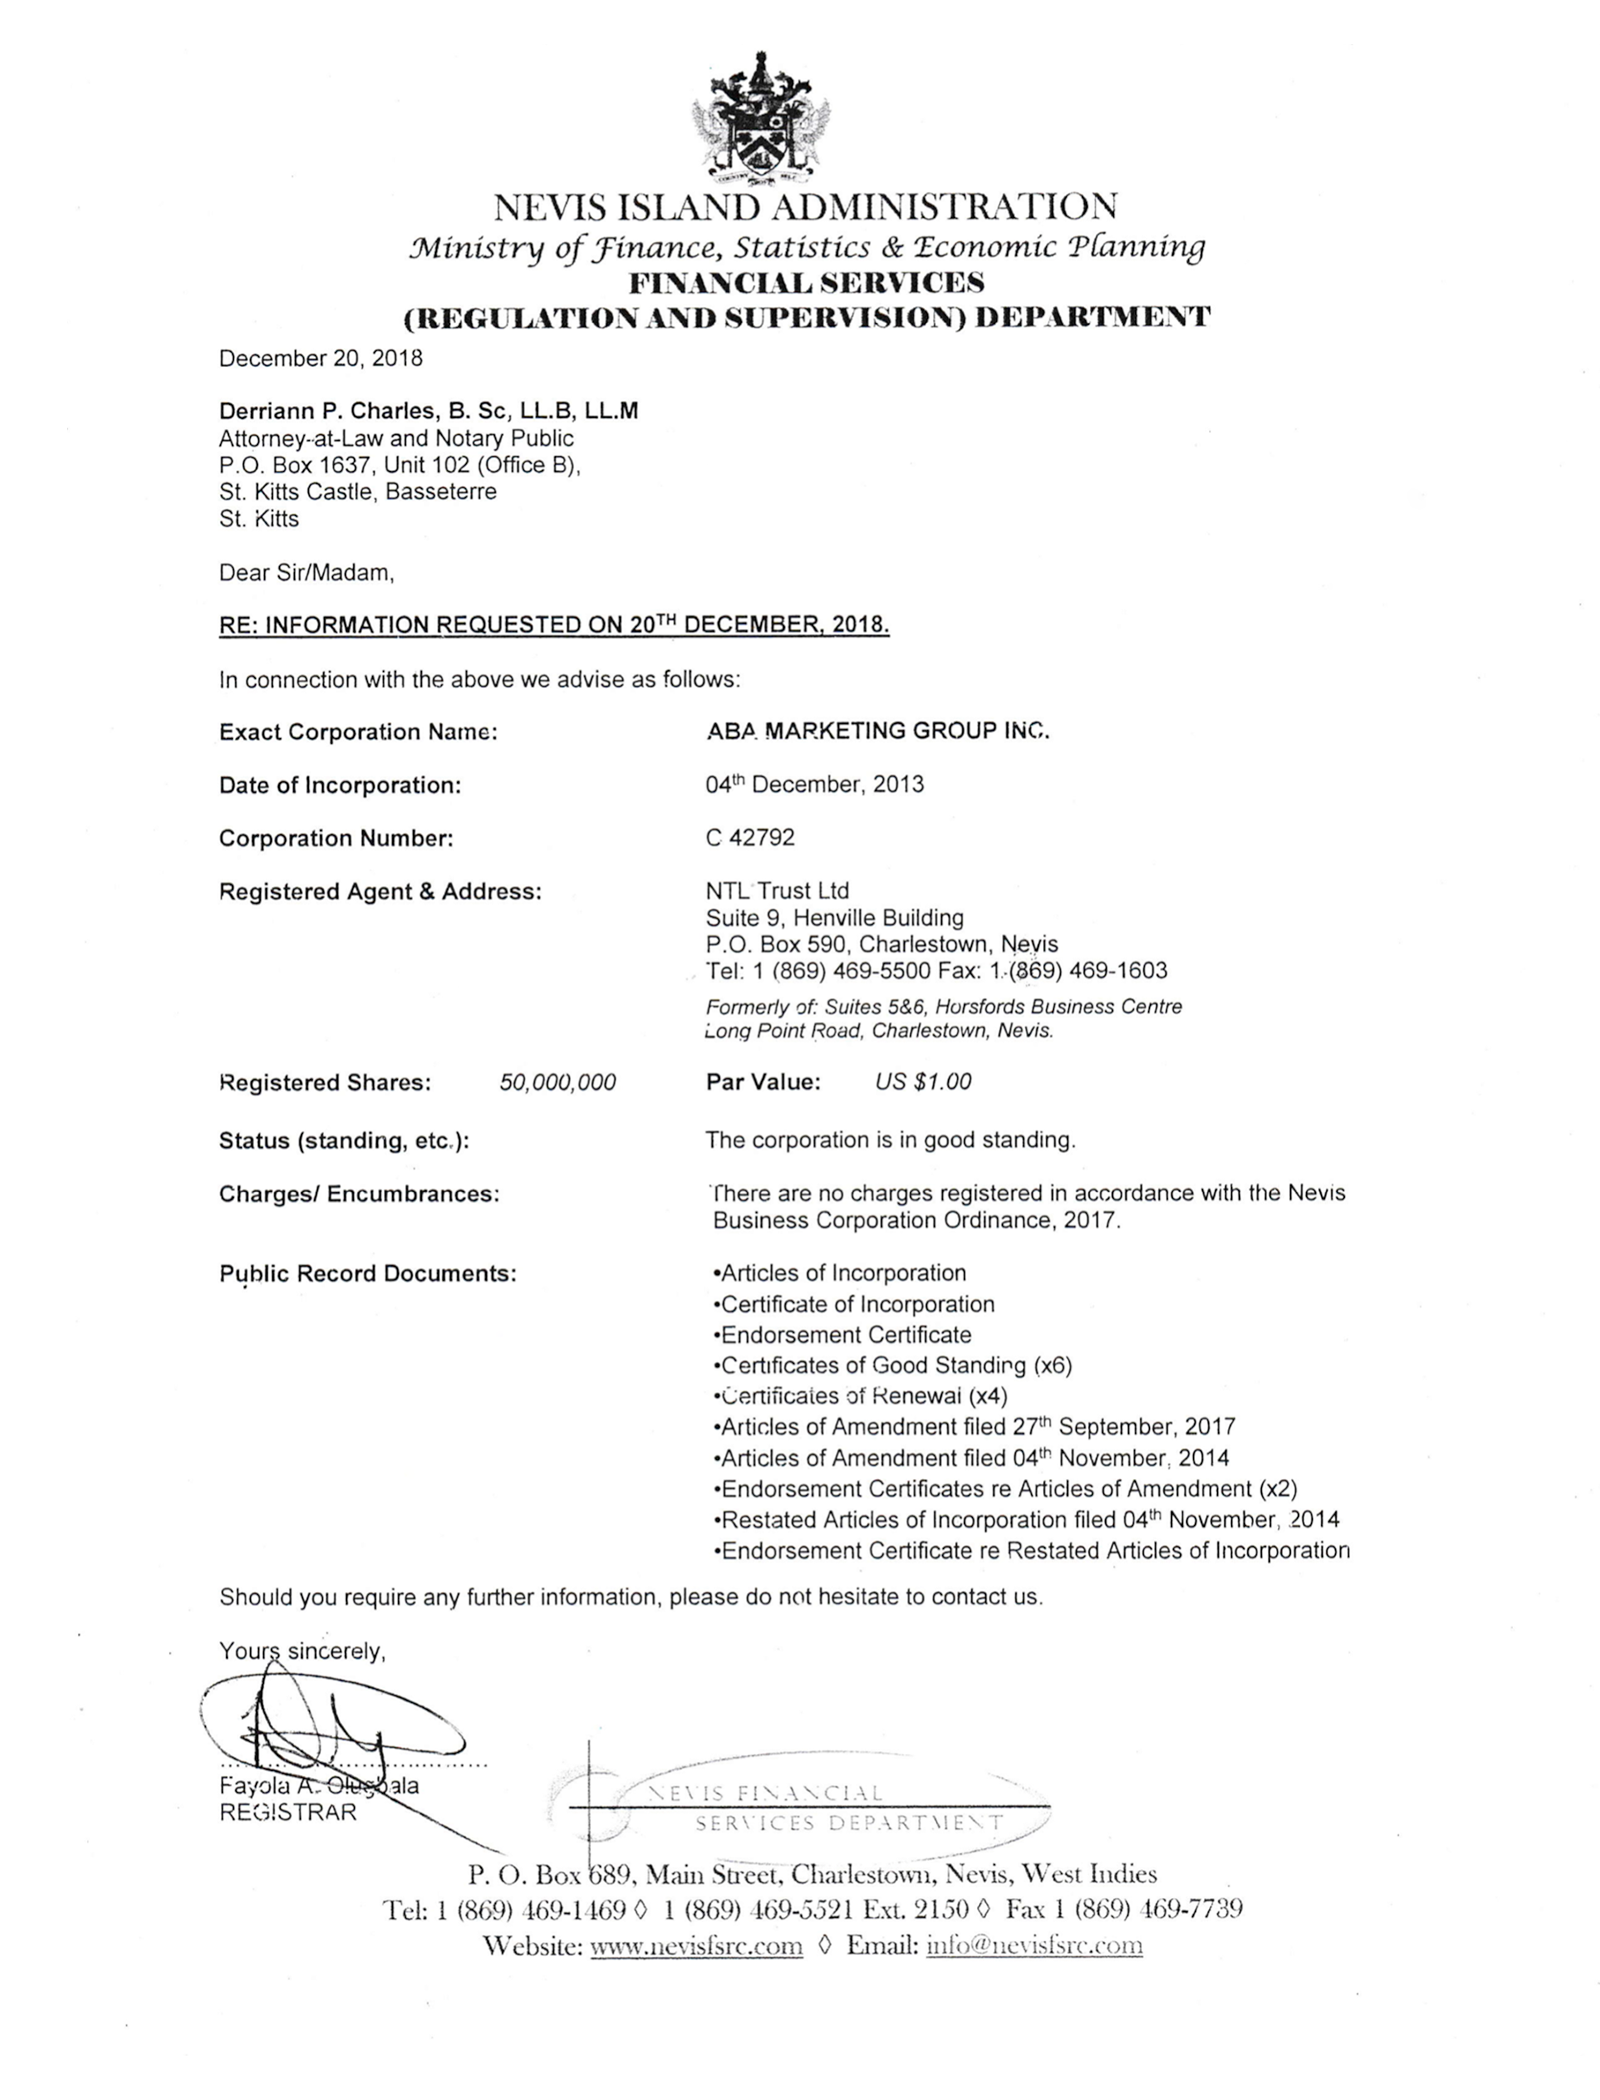 Выписка из реестра юрлиц Сент-Китс и Невис подтверждает реквизиты компании и ее уставный капитал